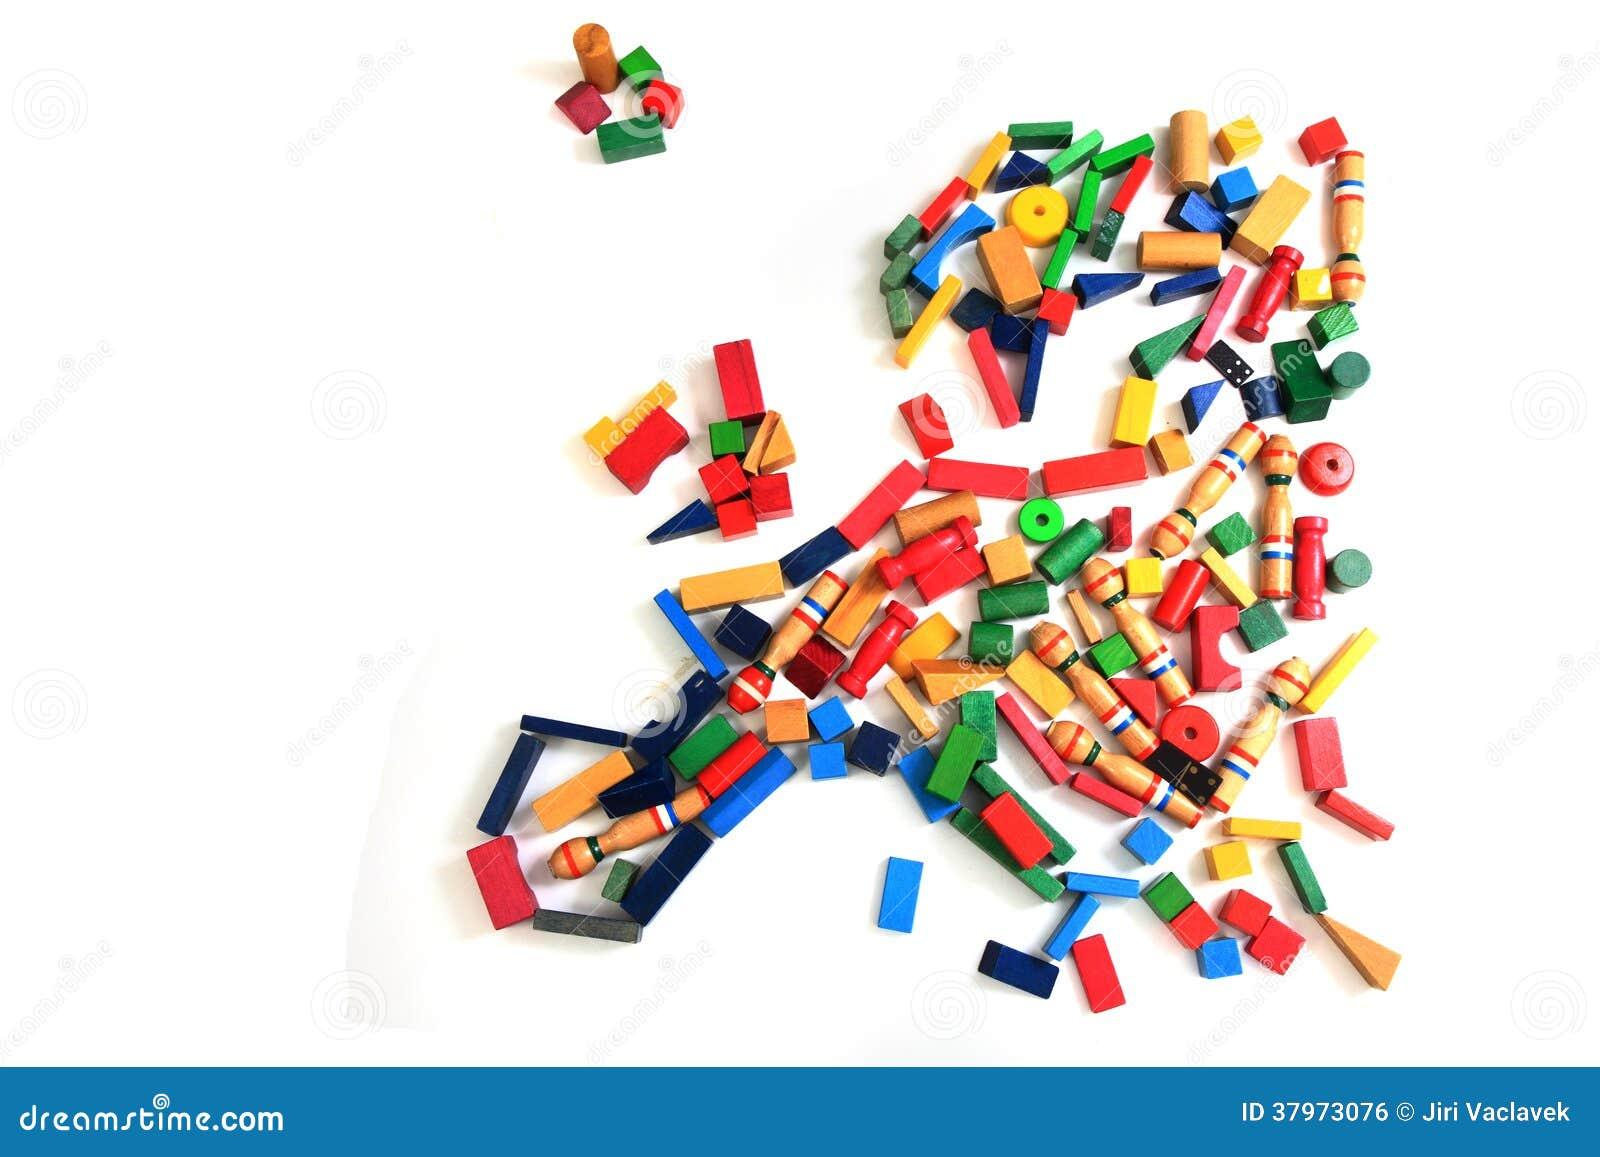 carte de l 39 europe des briques en bois de couleur photo stock image du pays pile 37973076. Black Bedroom Furniture Sets. Home Design Ideas